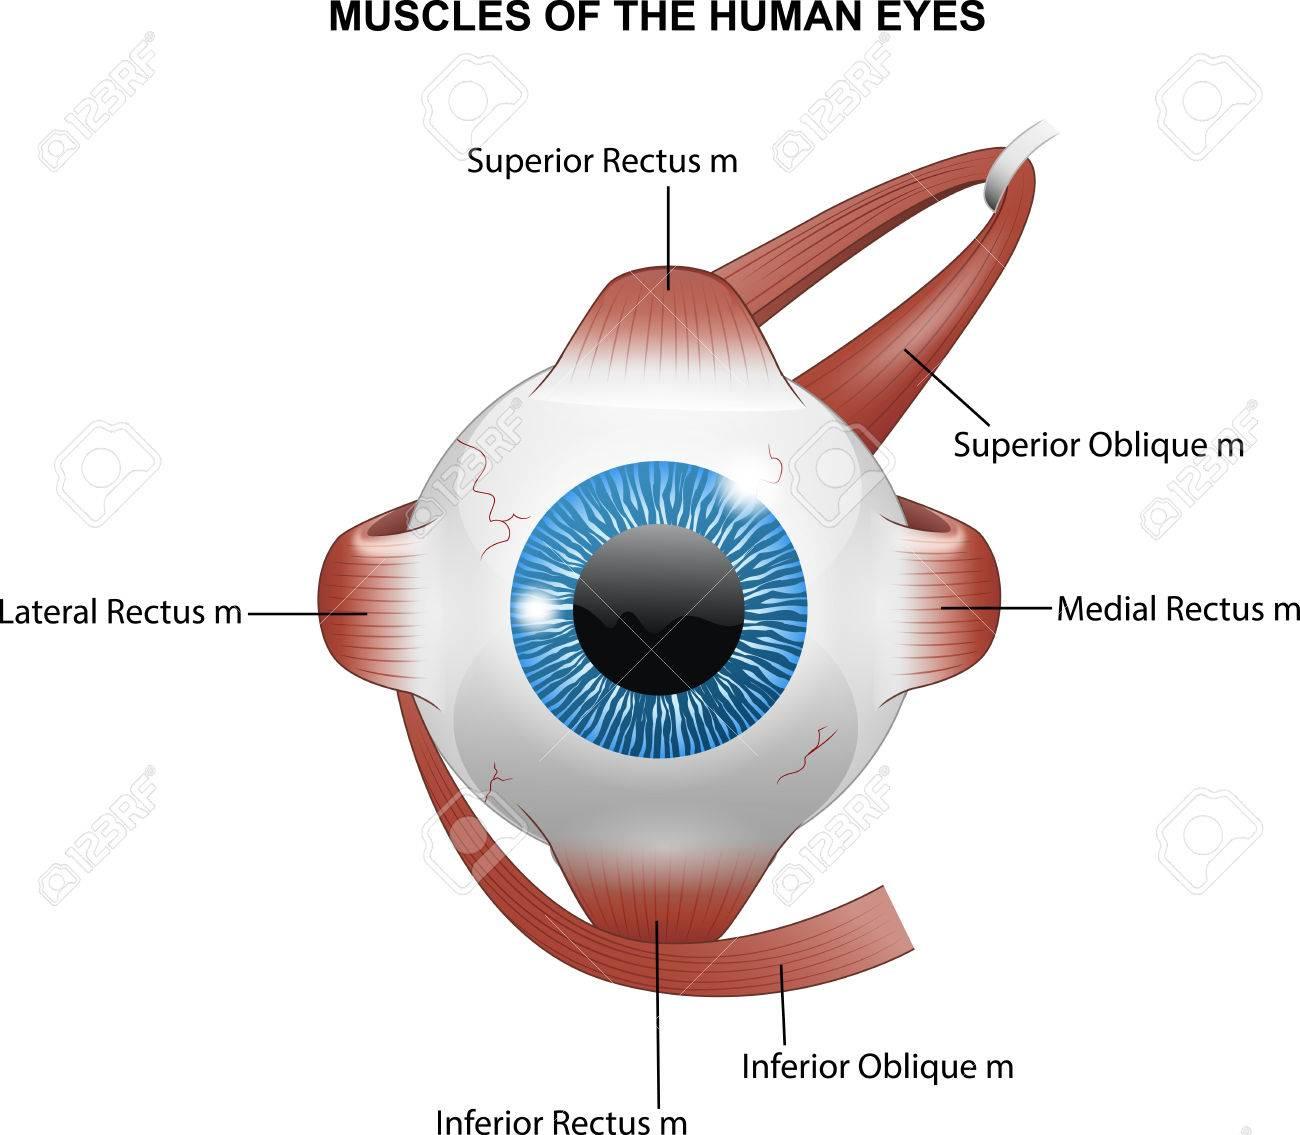 Ilustración De Los Músculos De Los Ojos Humanos Ilustraciones ...